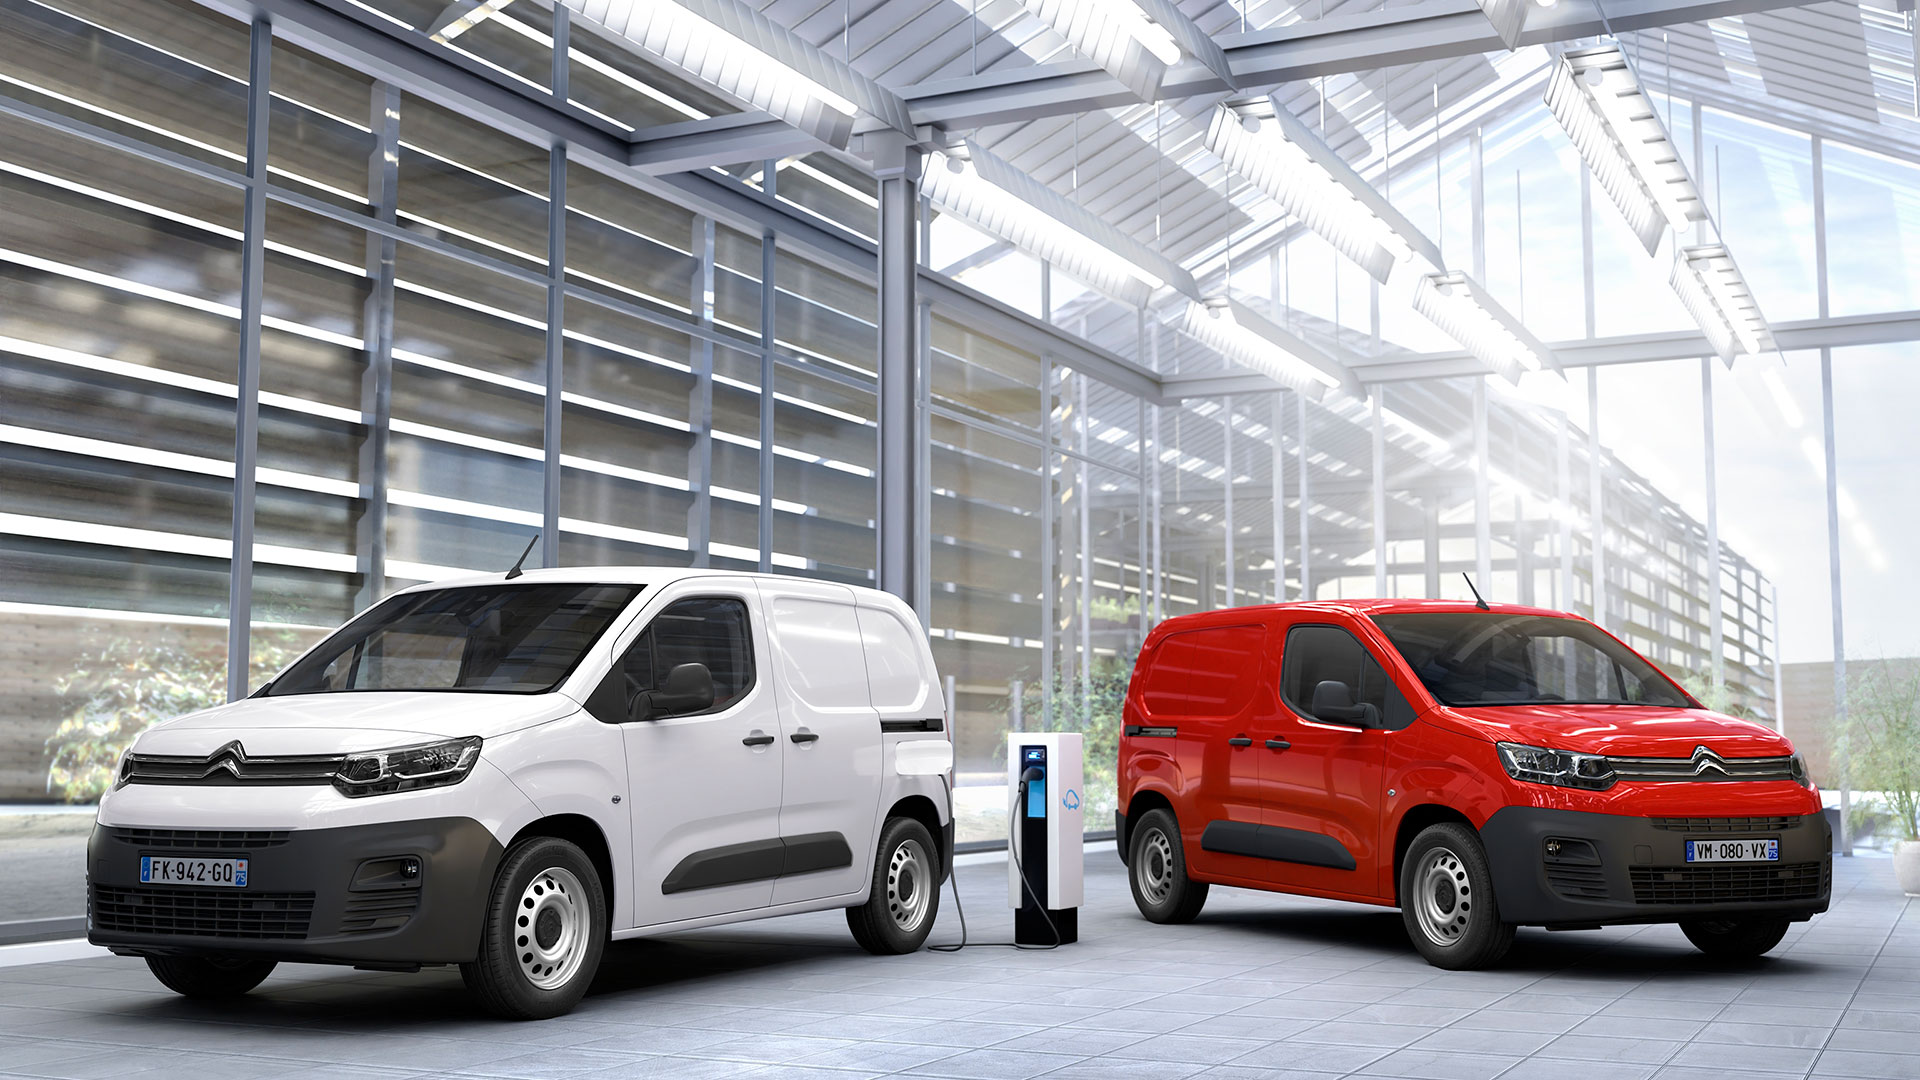 El nuevo Citroën Berlingo eléctrico 2021, en oferta por 139 euros al mes